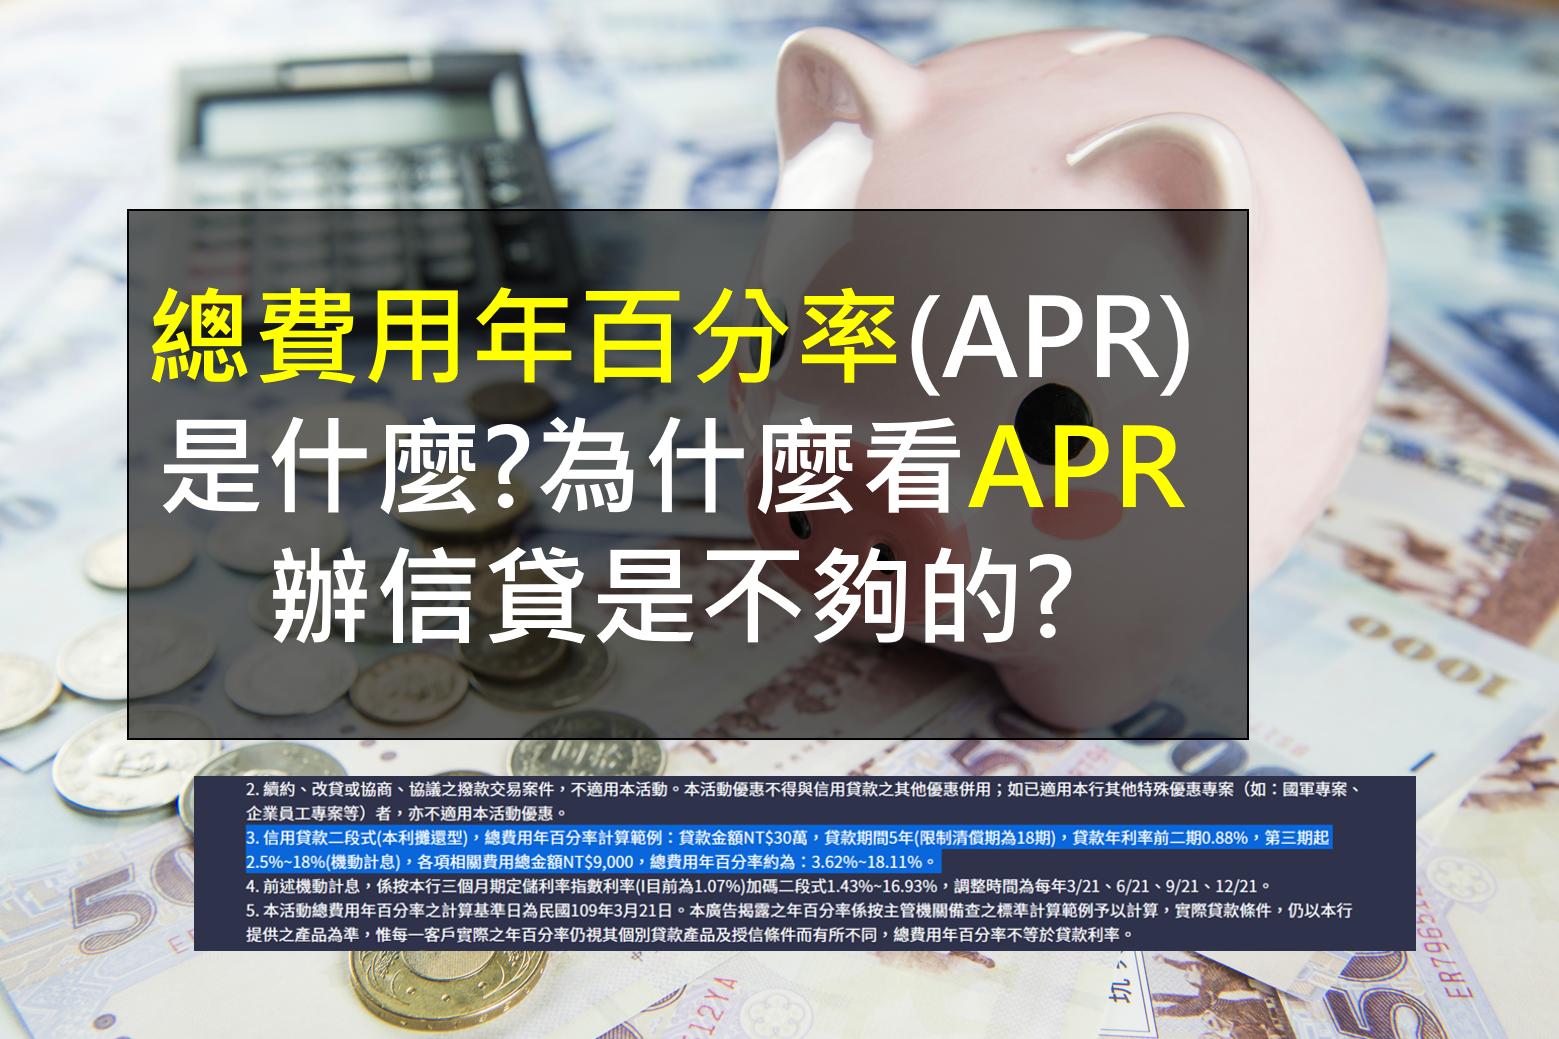 信貸總費用年百分率(APR)是什麼?看清楚4大重點,別被騙了